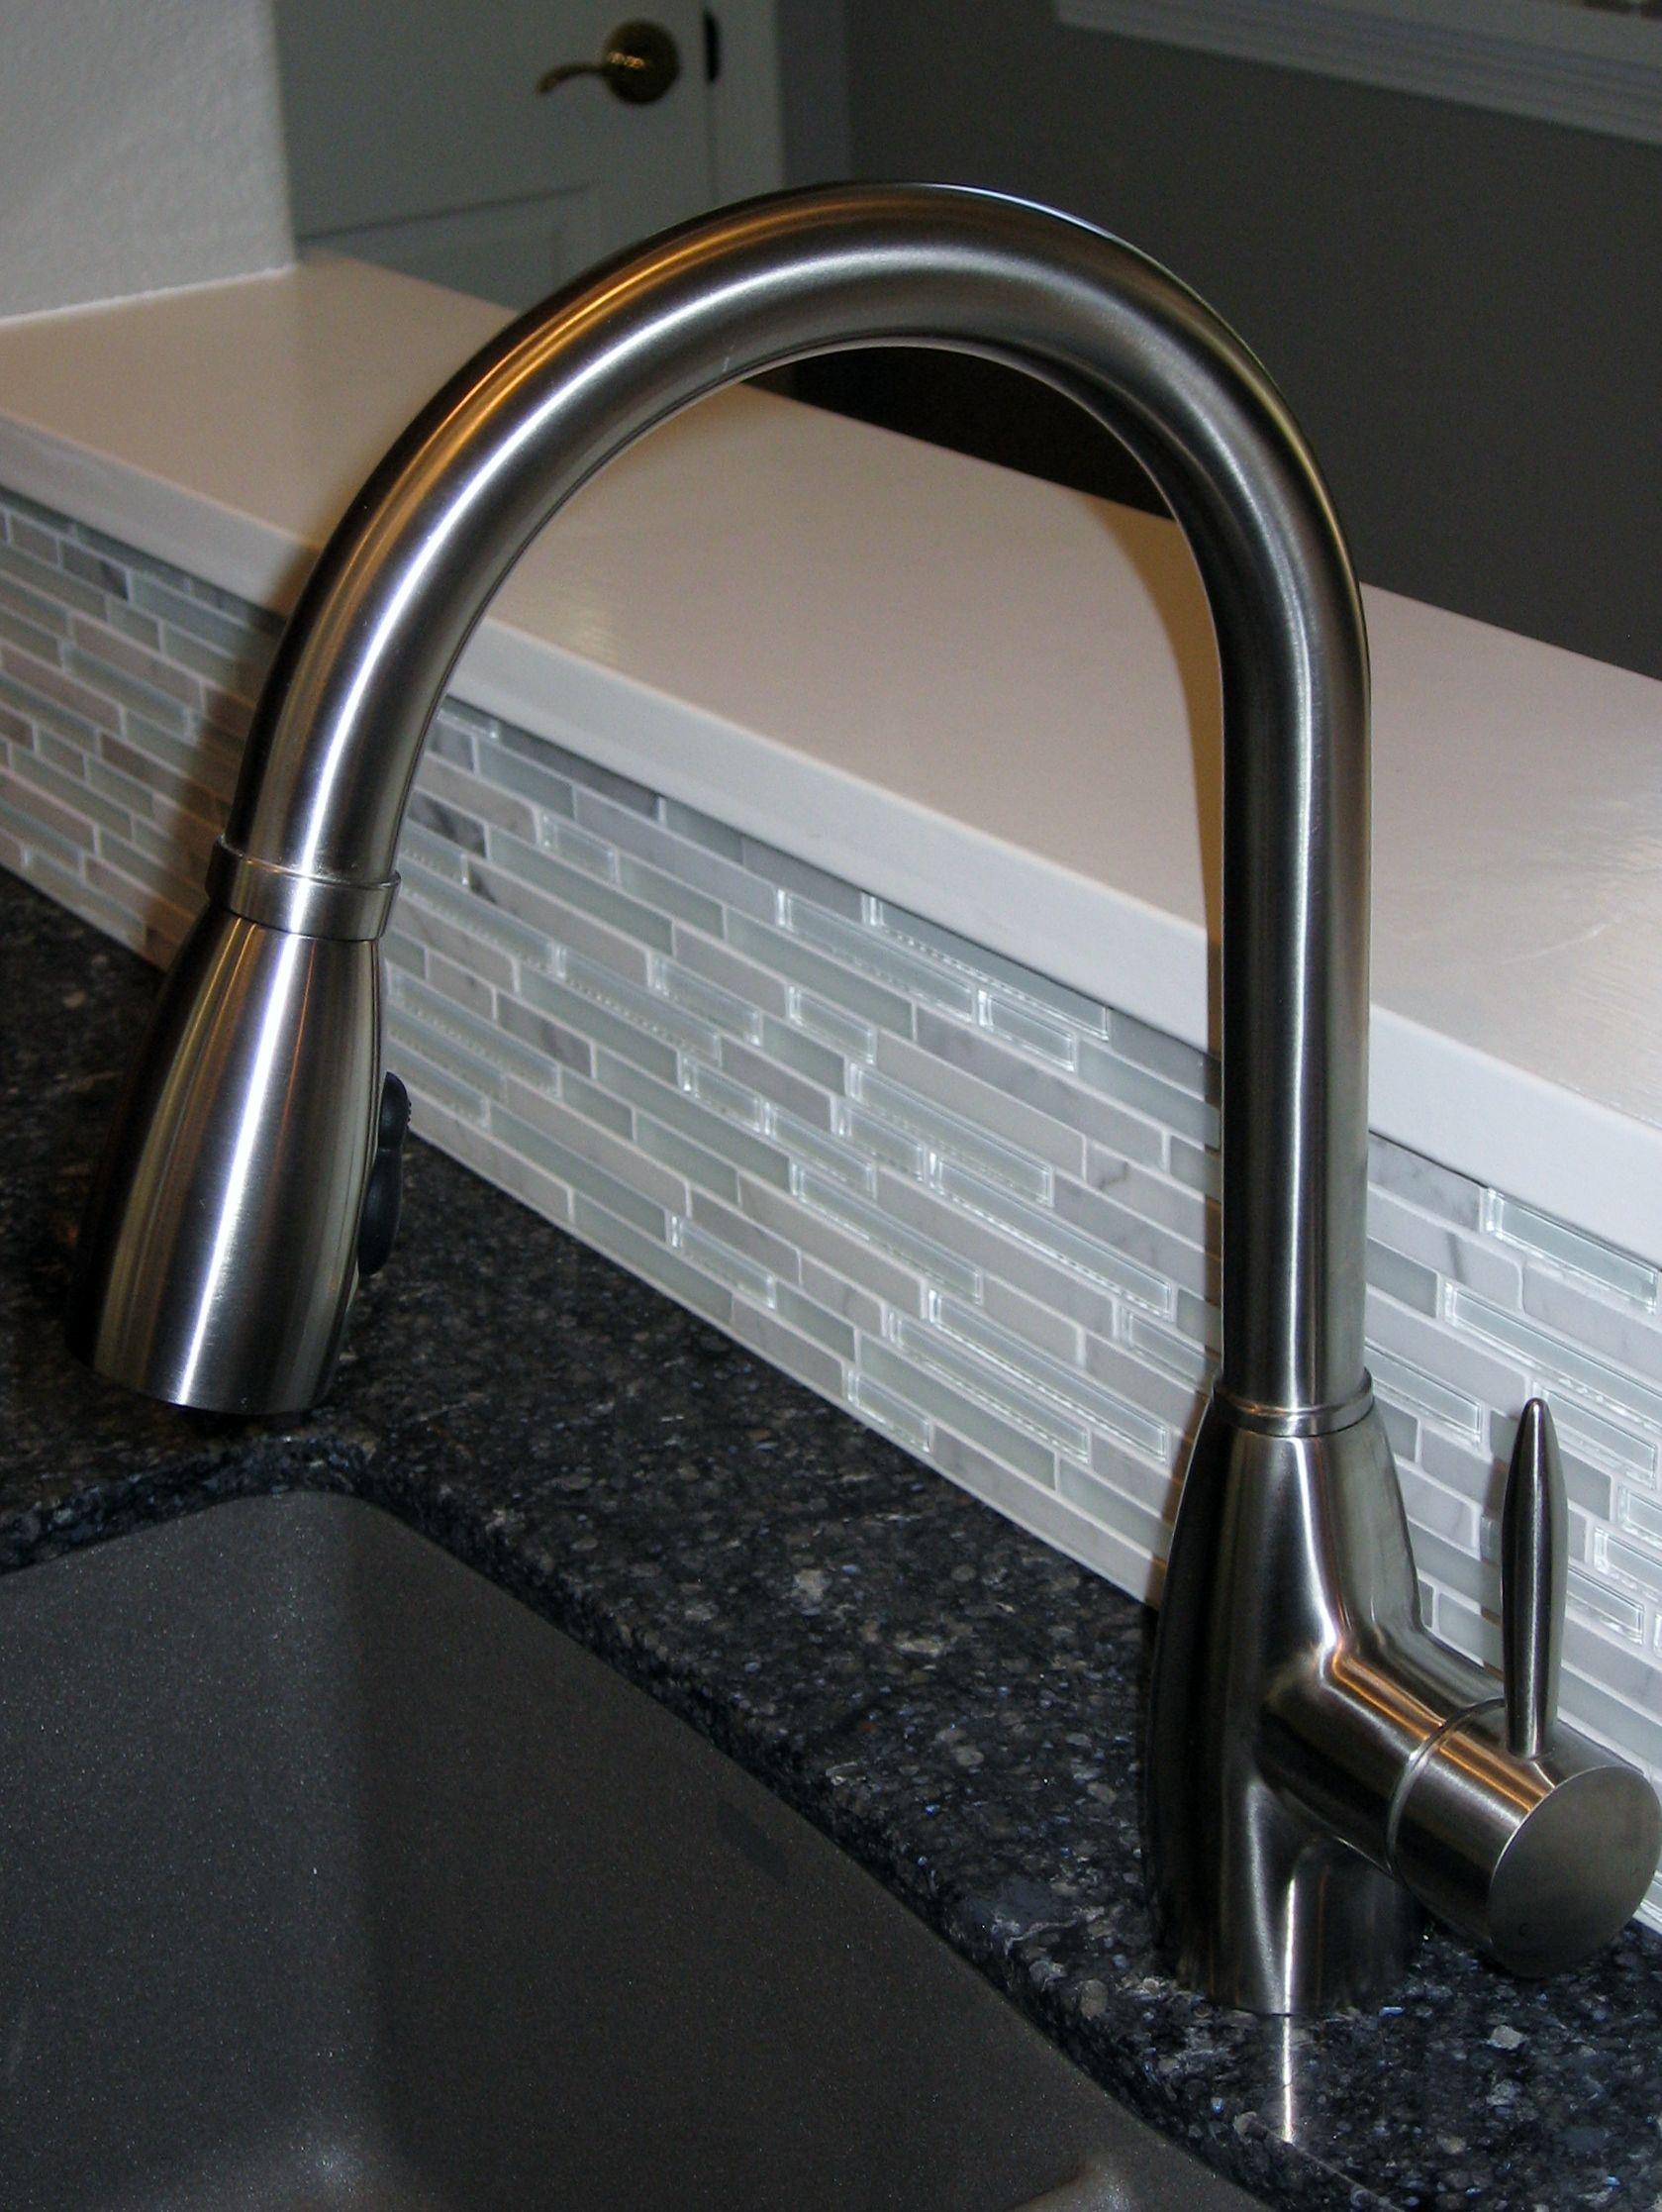 almond colored kitchen faucets ~ detrit